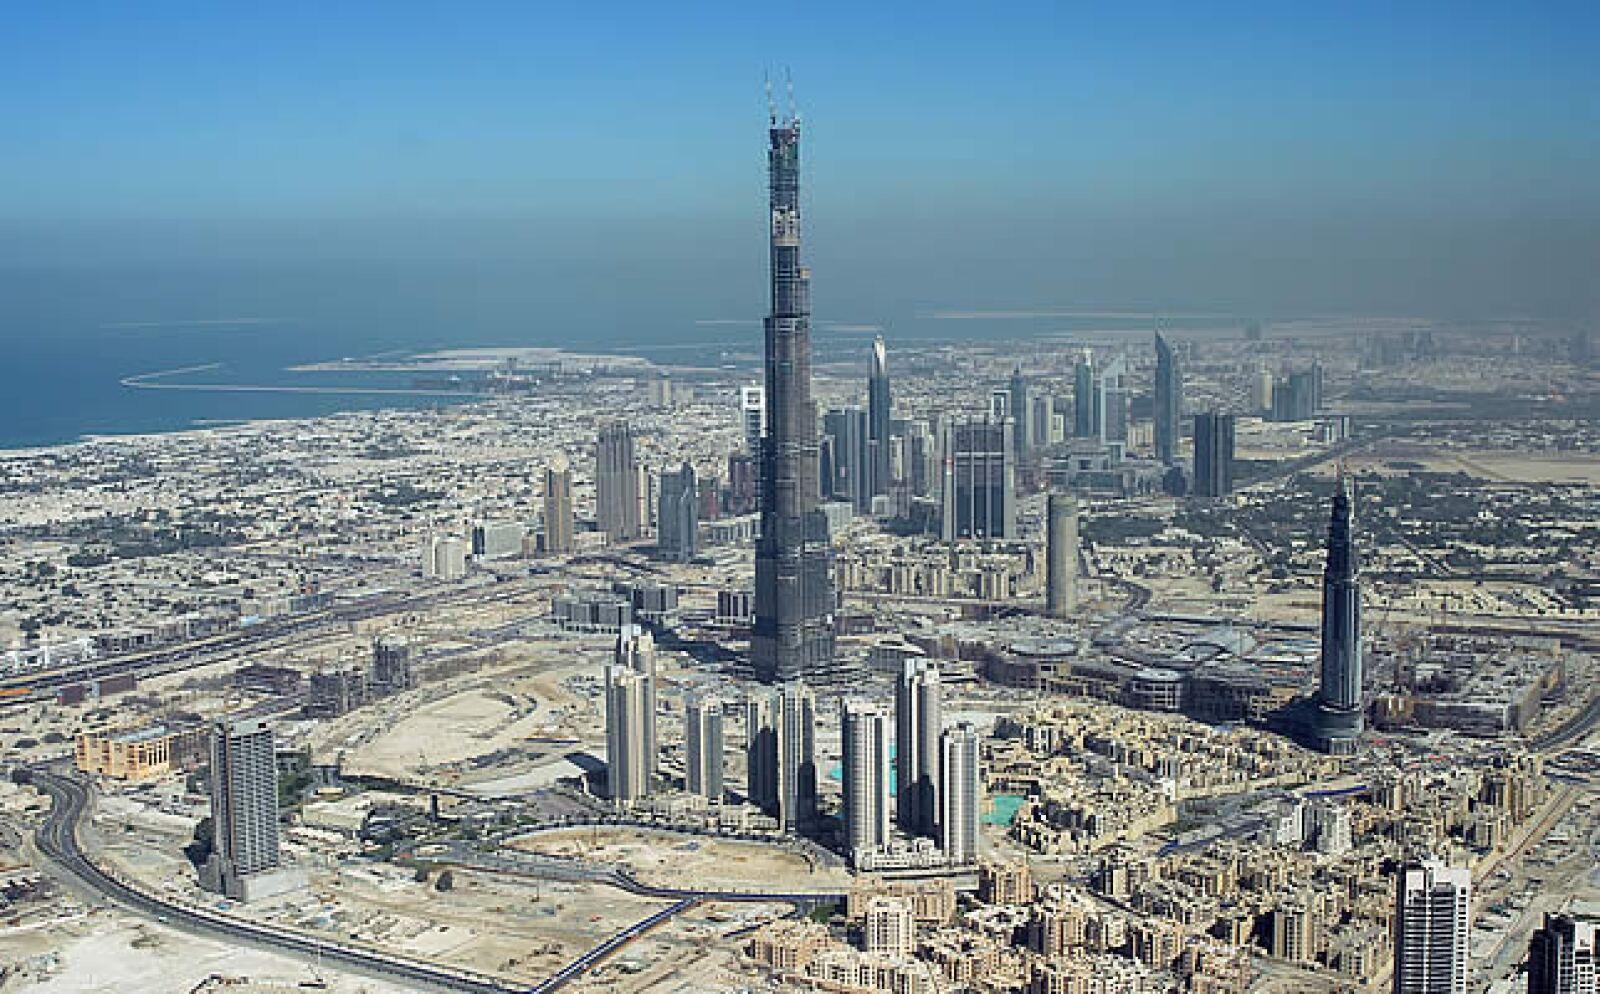 La construcción cuenta con 164 pisos, la punta de la antena llega a los 1011 metros de altura, hay un conjunto de oficinas y departamentos, un centro comercial y varios hoteles.